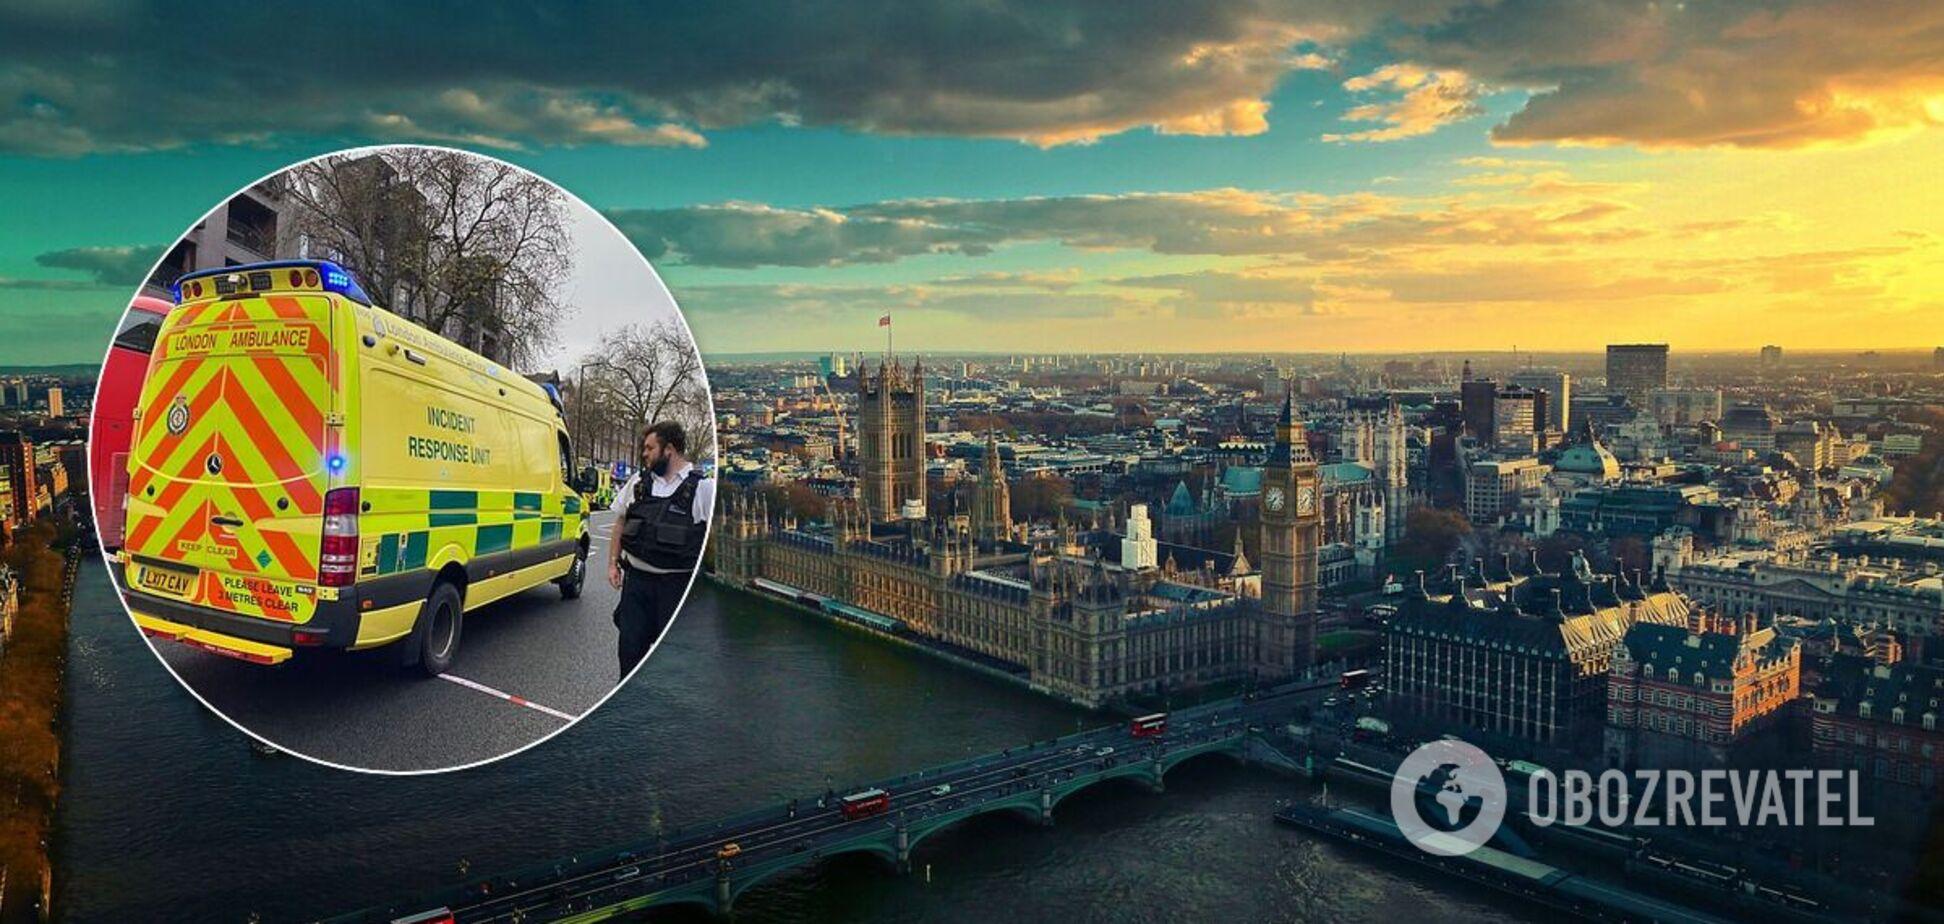 В Лондоне автомобиль въехал в пешеходов на тротуаре